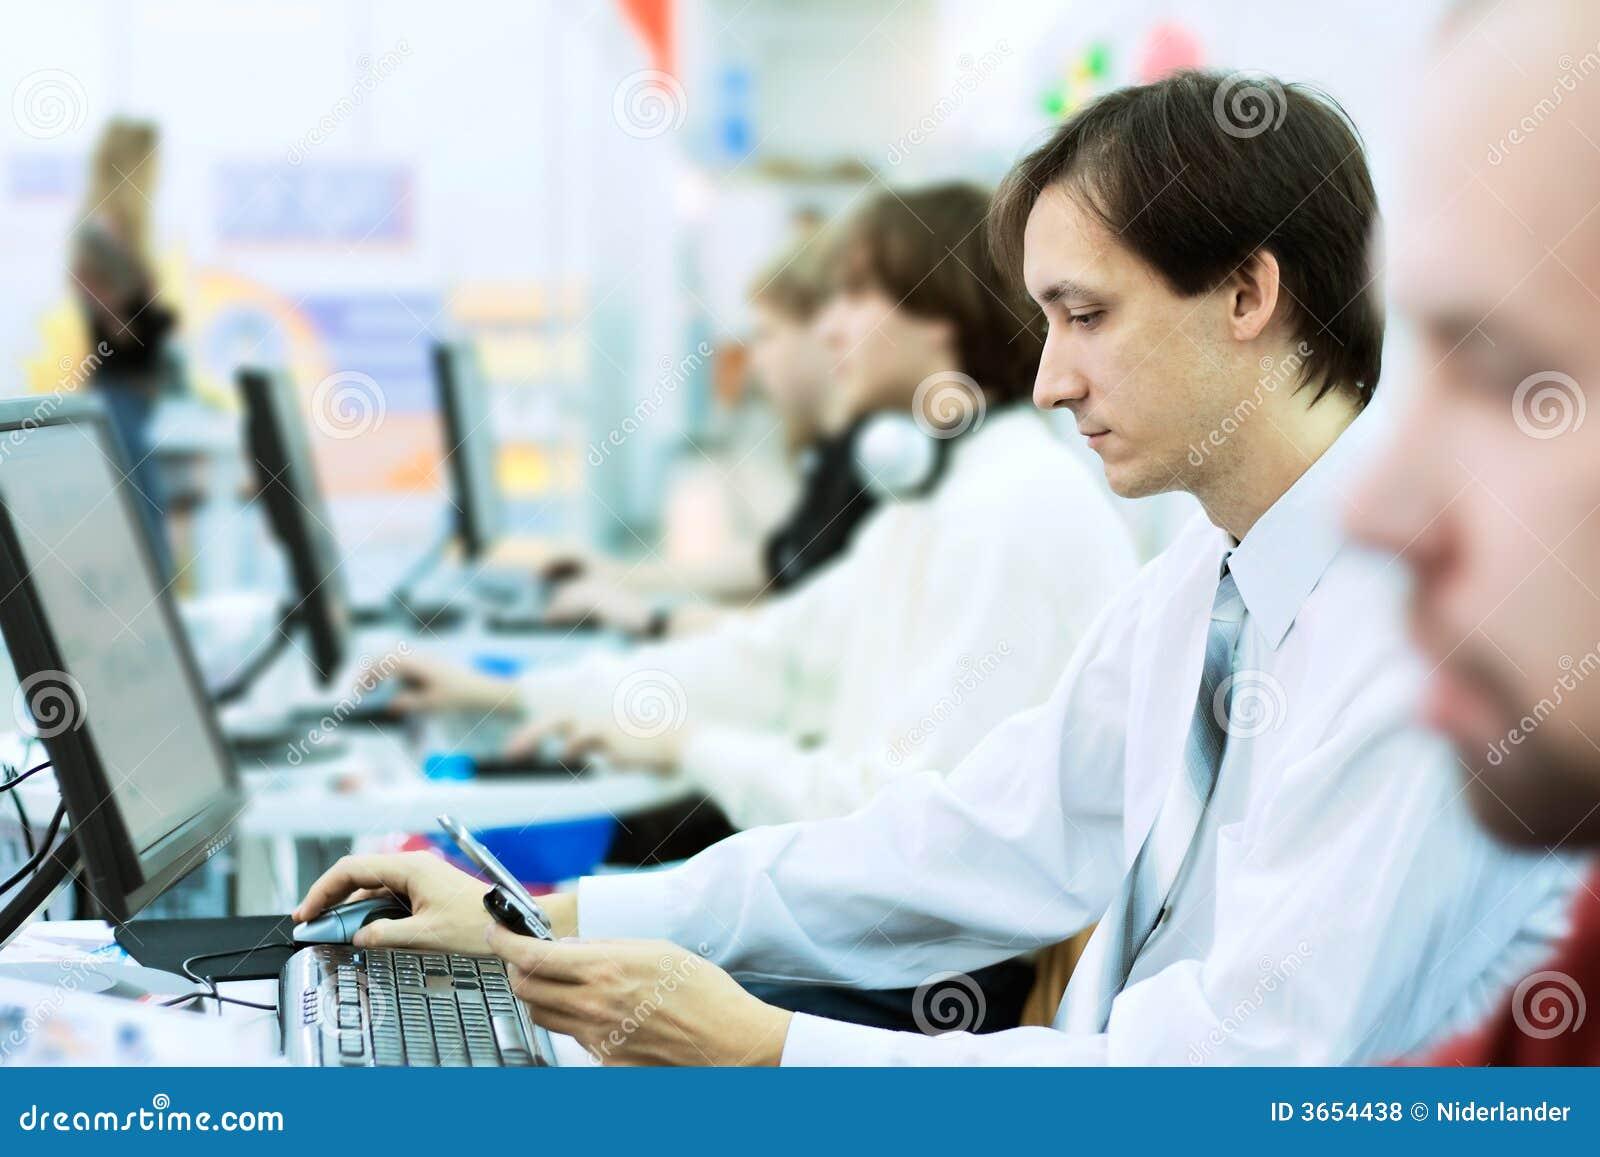 Lavoro d 39 ufficio fotografia stock immagine di adulto for Ufficio lavoro